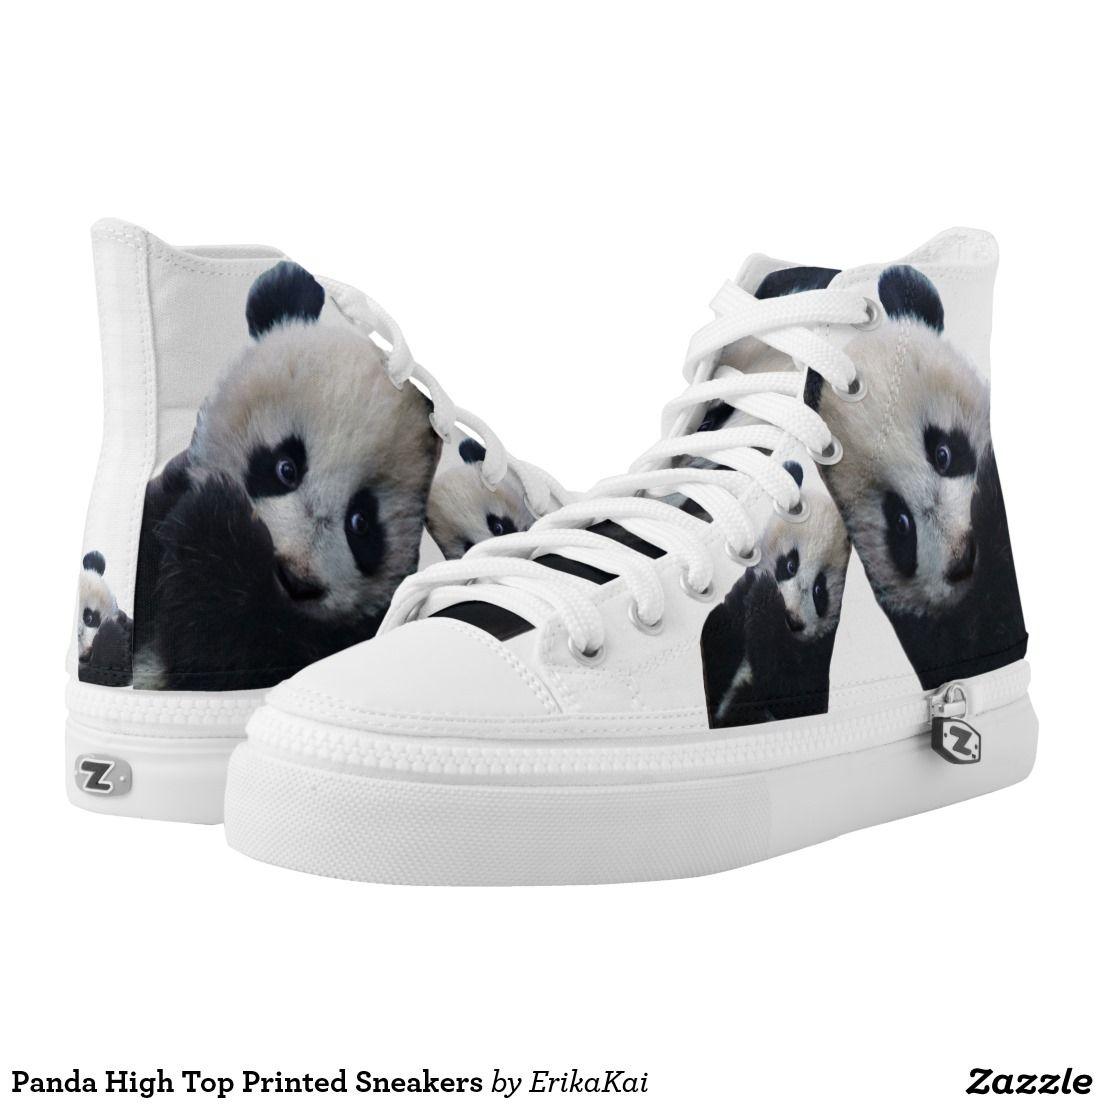 cf5ee9d2a63 Panda High Top Printed Sneakers Printed Shoes